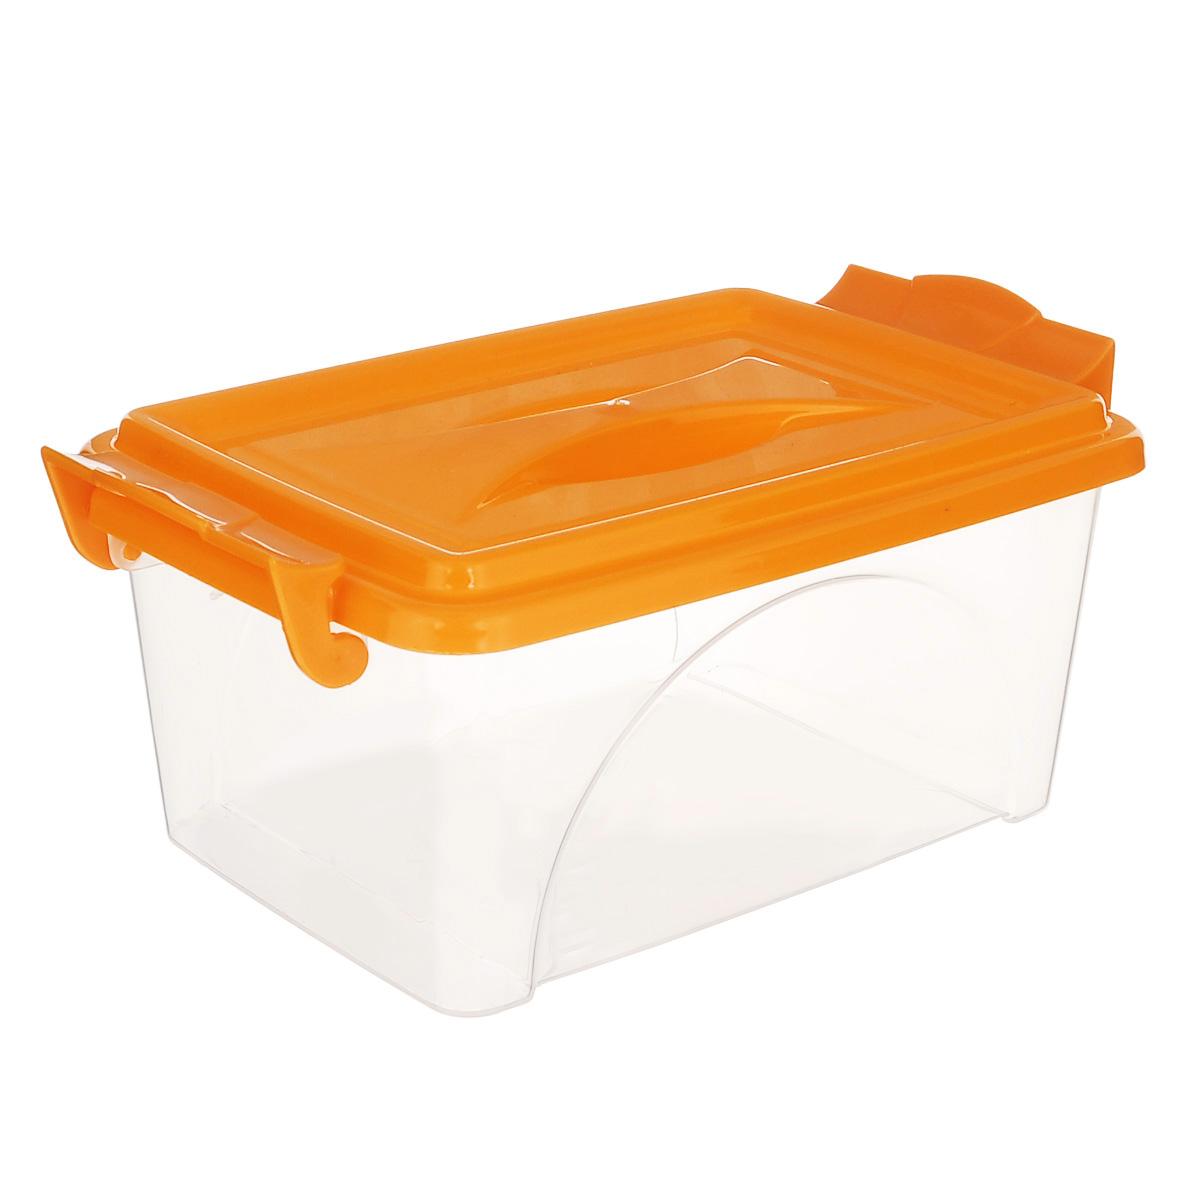 Контейнер Альтернатива, цвет: оранжевый, 26,5 см х 16,5 см х 12 смМ421Контейнер Альтернатива выполнен из прочного пластика. Он предназначен для хранения различных бытовых вещей и продуктов.Контейнер оснащен по бокам ручками, которые плотно закрывают крышку контейнера. Также на крышке имеется ручка для удобной переноски. Контейнер поможет хранить все в одном месте, он защитит вещи от пыли, грязи и влаги.